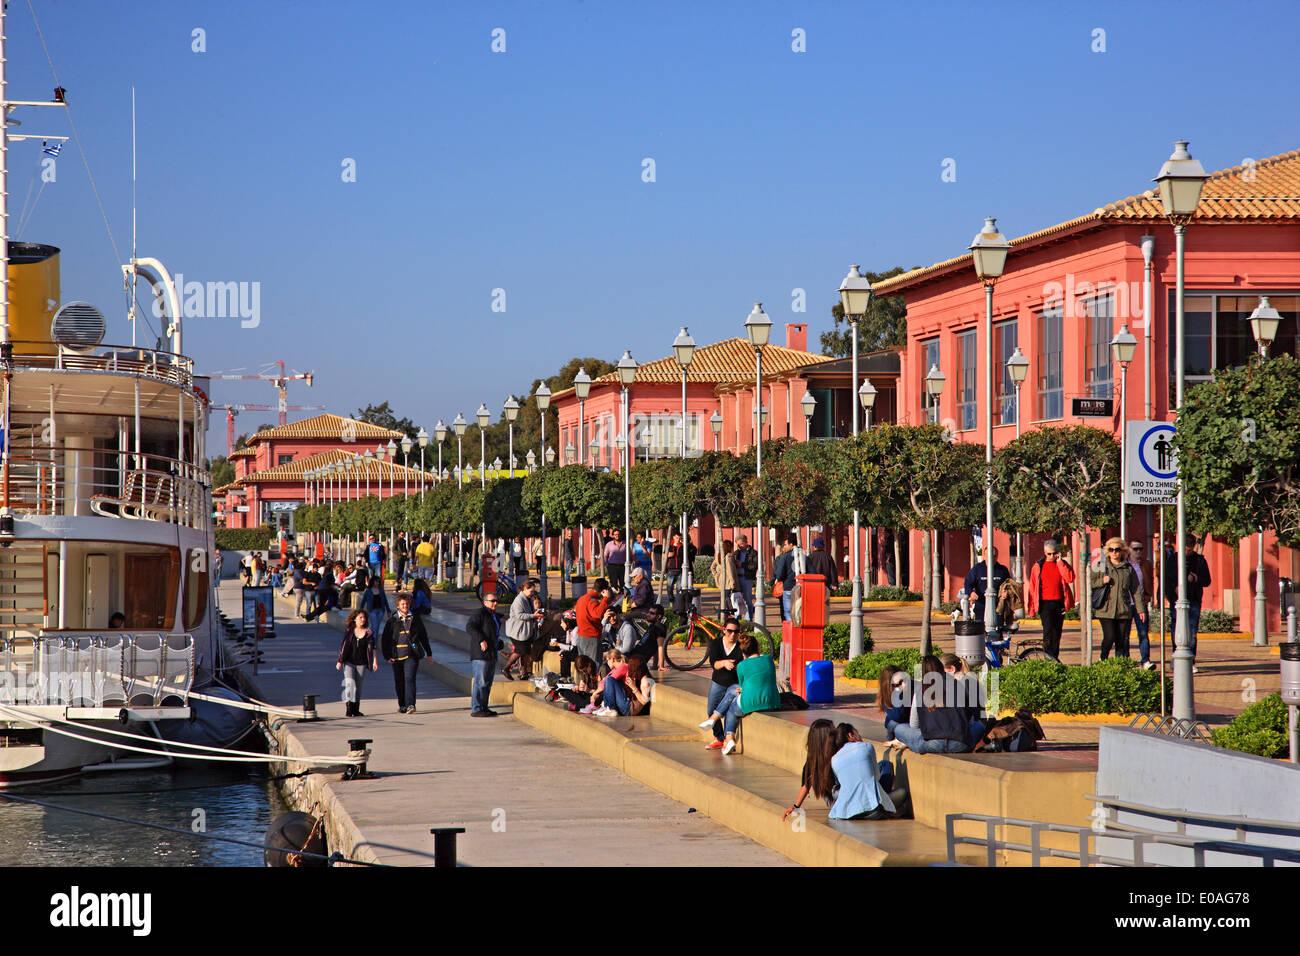 The Marina of Floisvos, popular recreation area in Palaio Faliro, Attica, Greece. - Stock Image